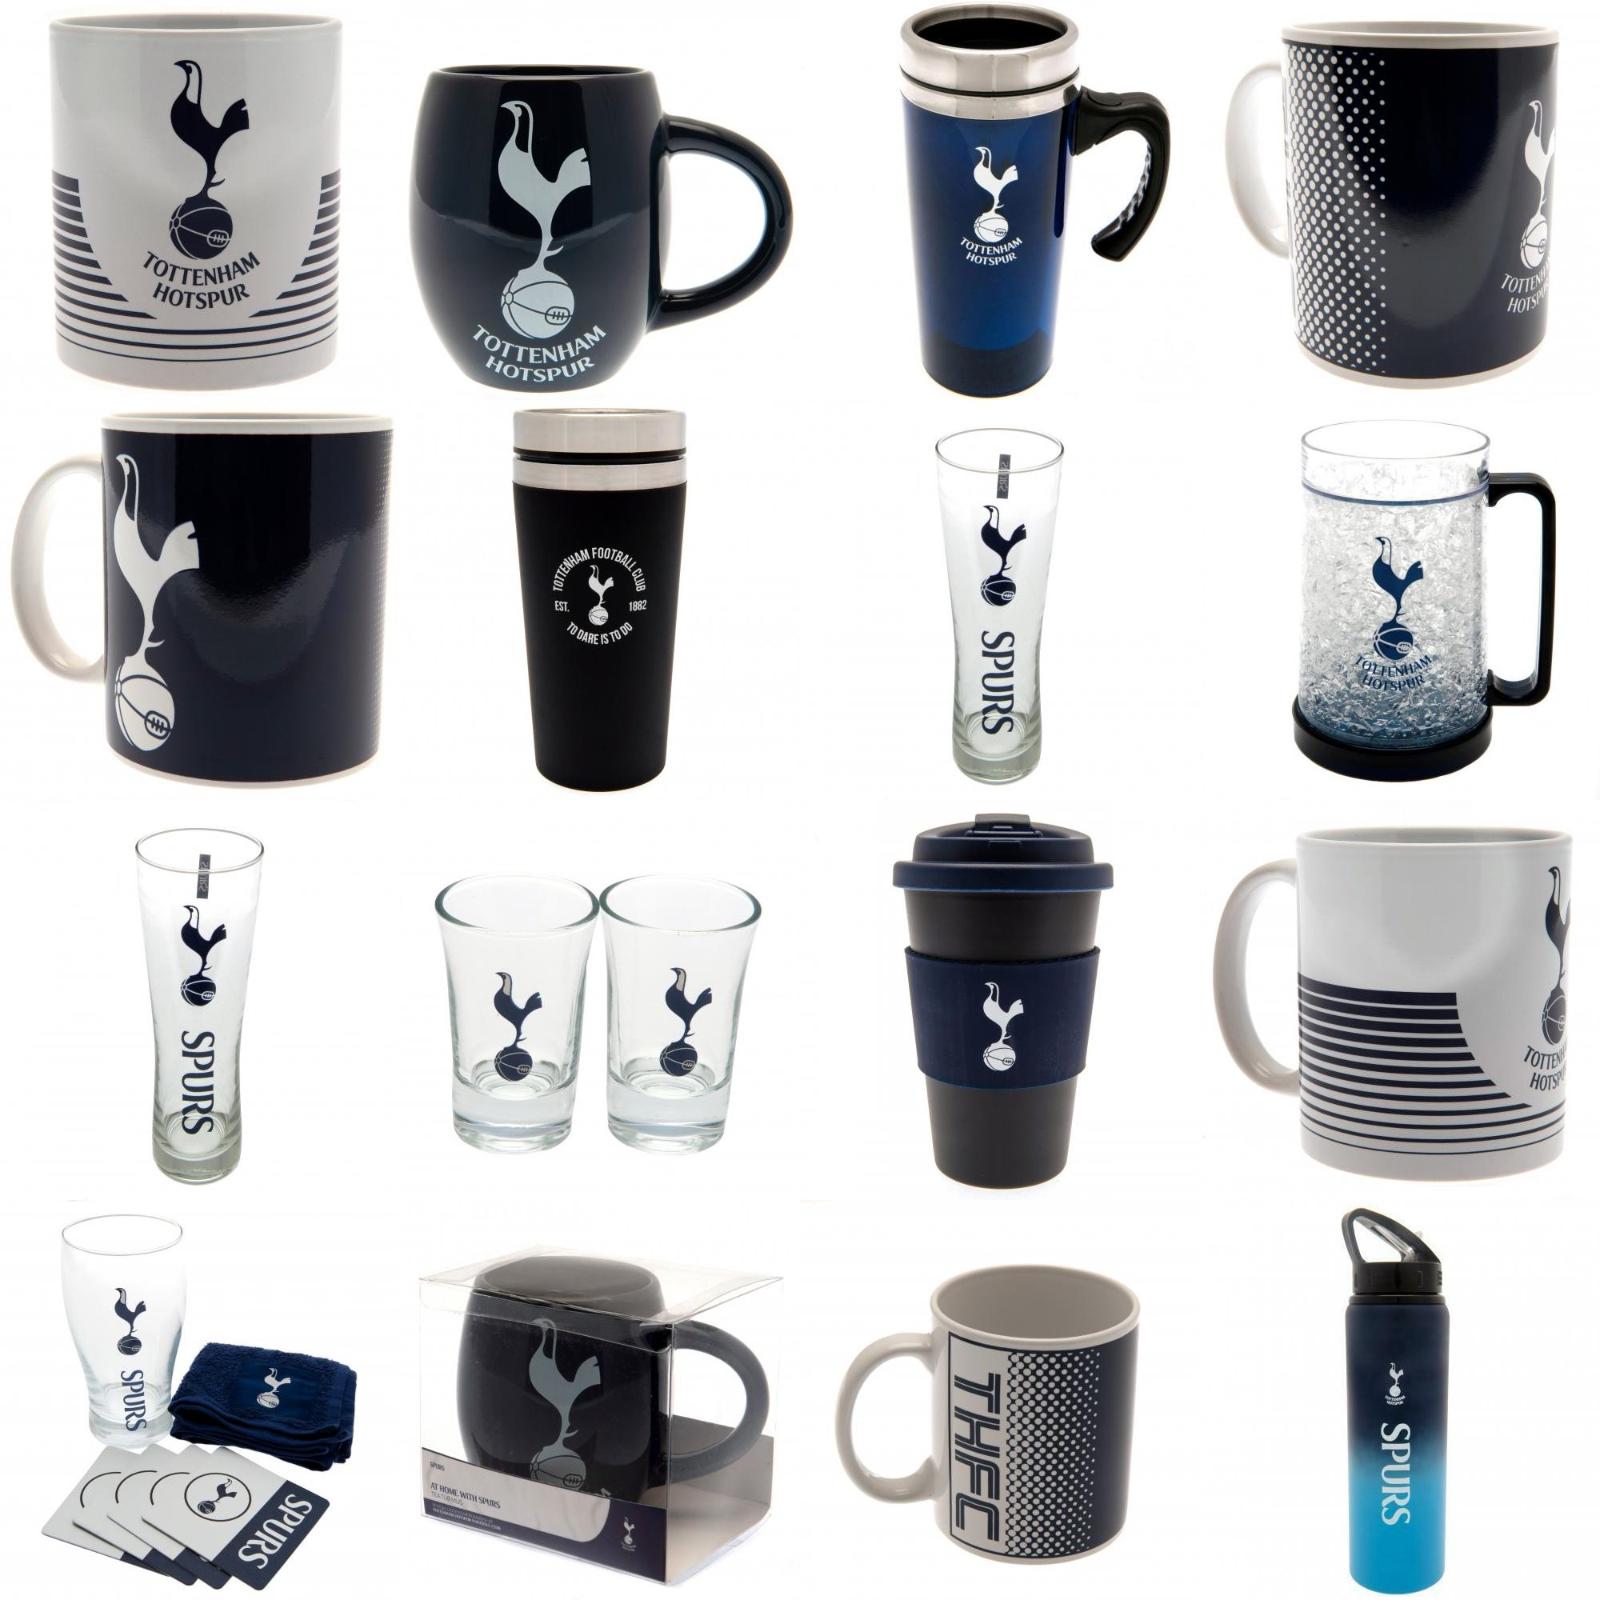 Tottenham Hotspur Spurs Merchandise Tea Coffee Cup Mug Glass Drinks Bottle Gift